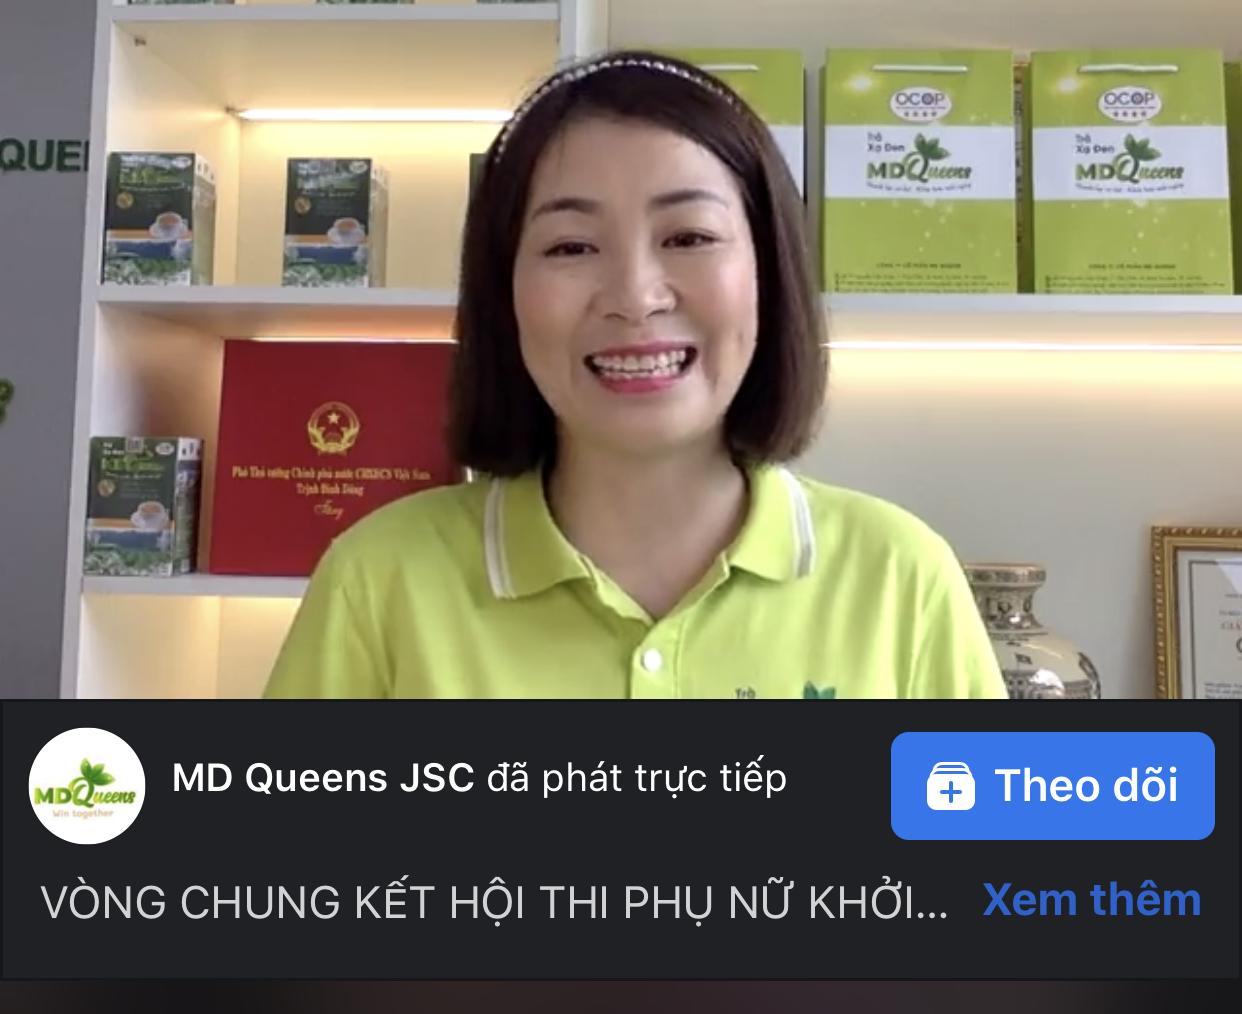 Chị Trịnh Kim Thư, Giám đốc công ty cổ phần MD Queen quảng bá sản phẩm trà xạ đen trên fanpage của công ty